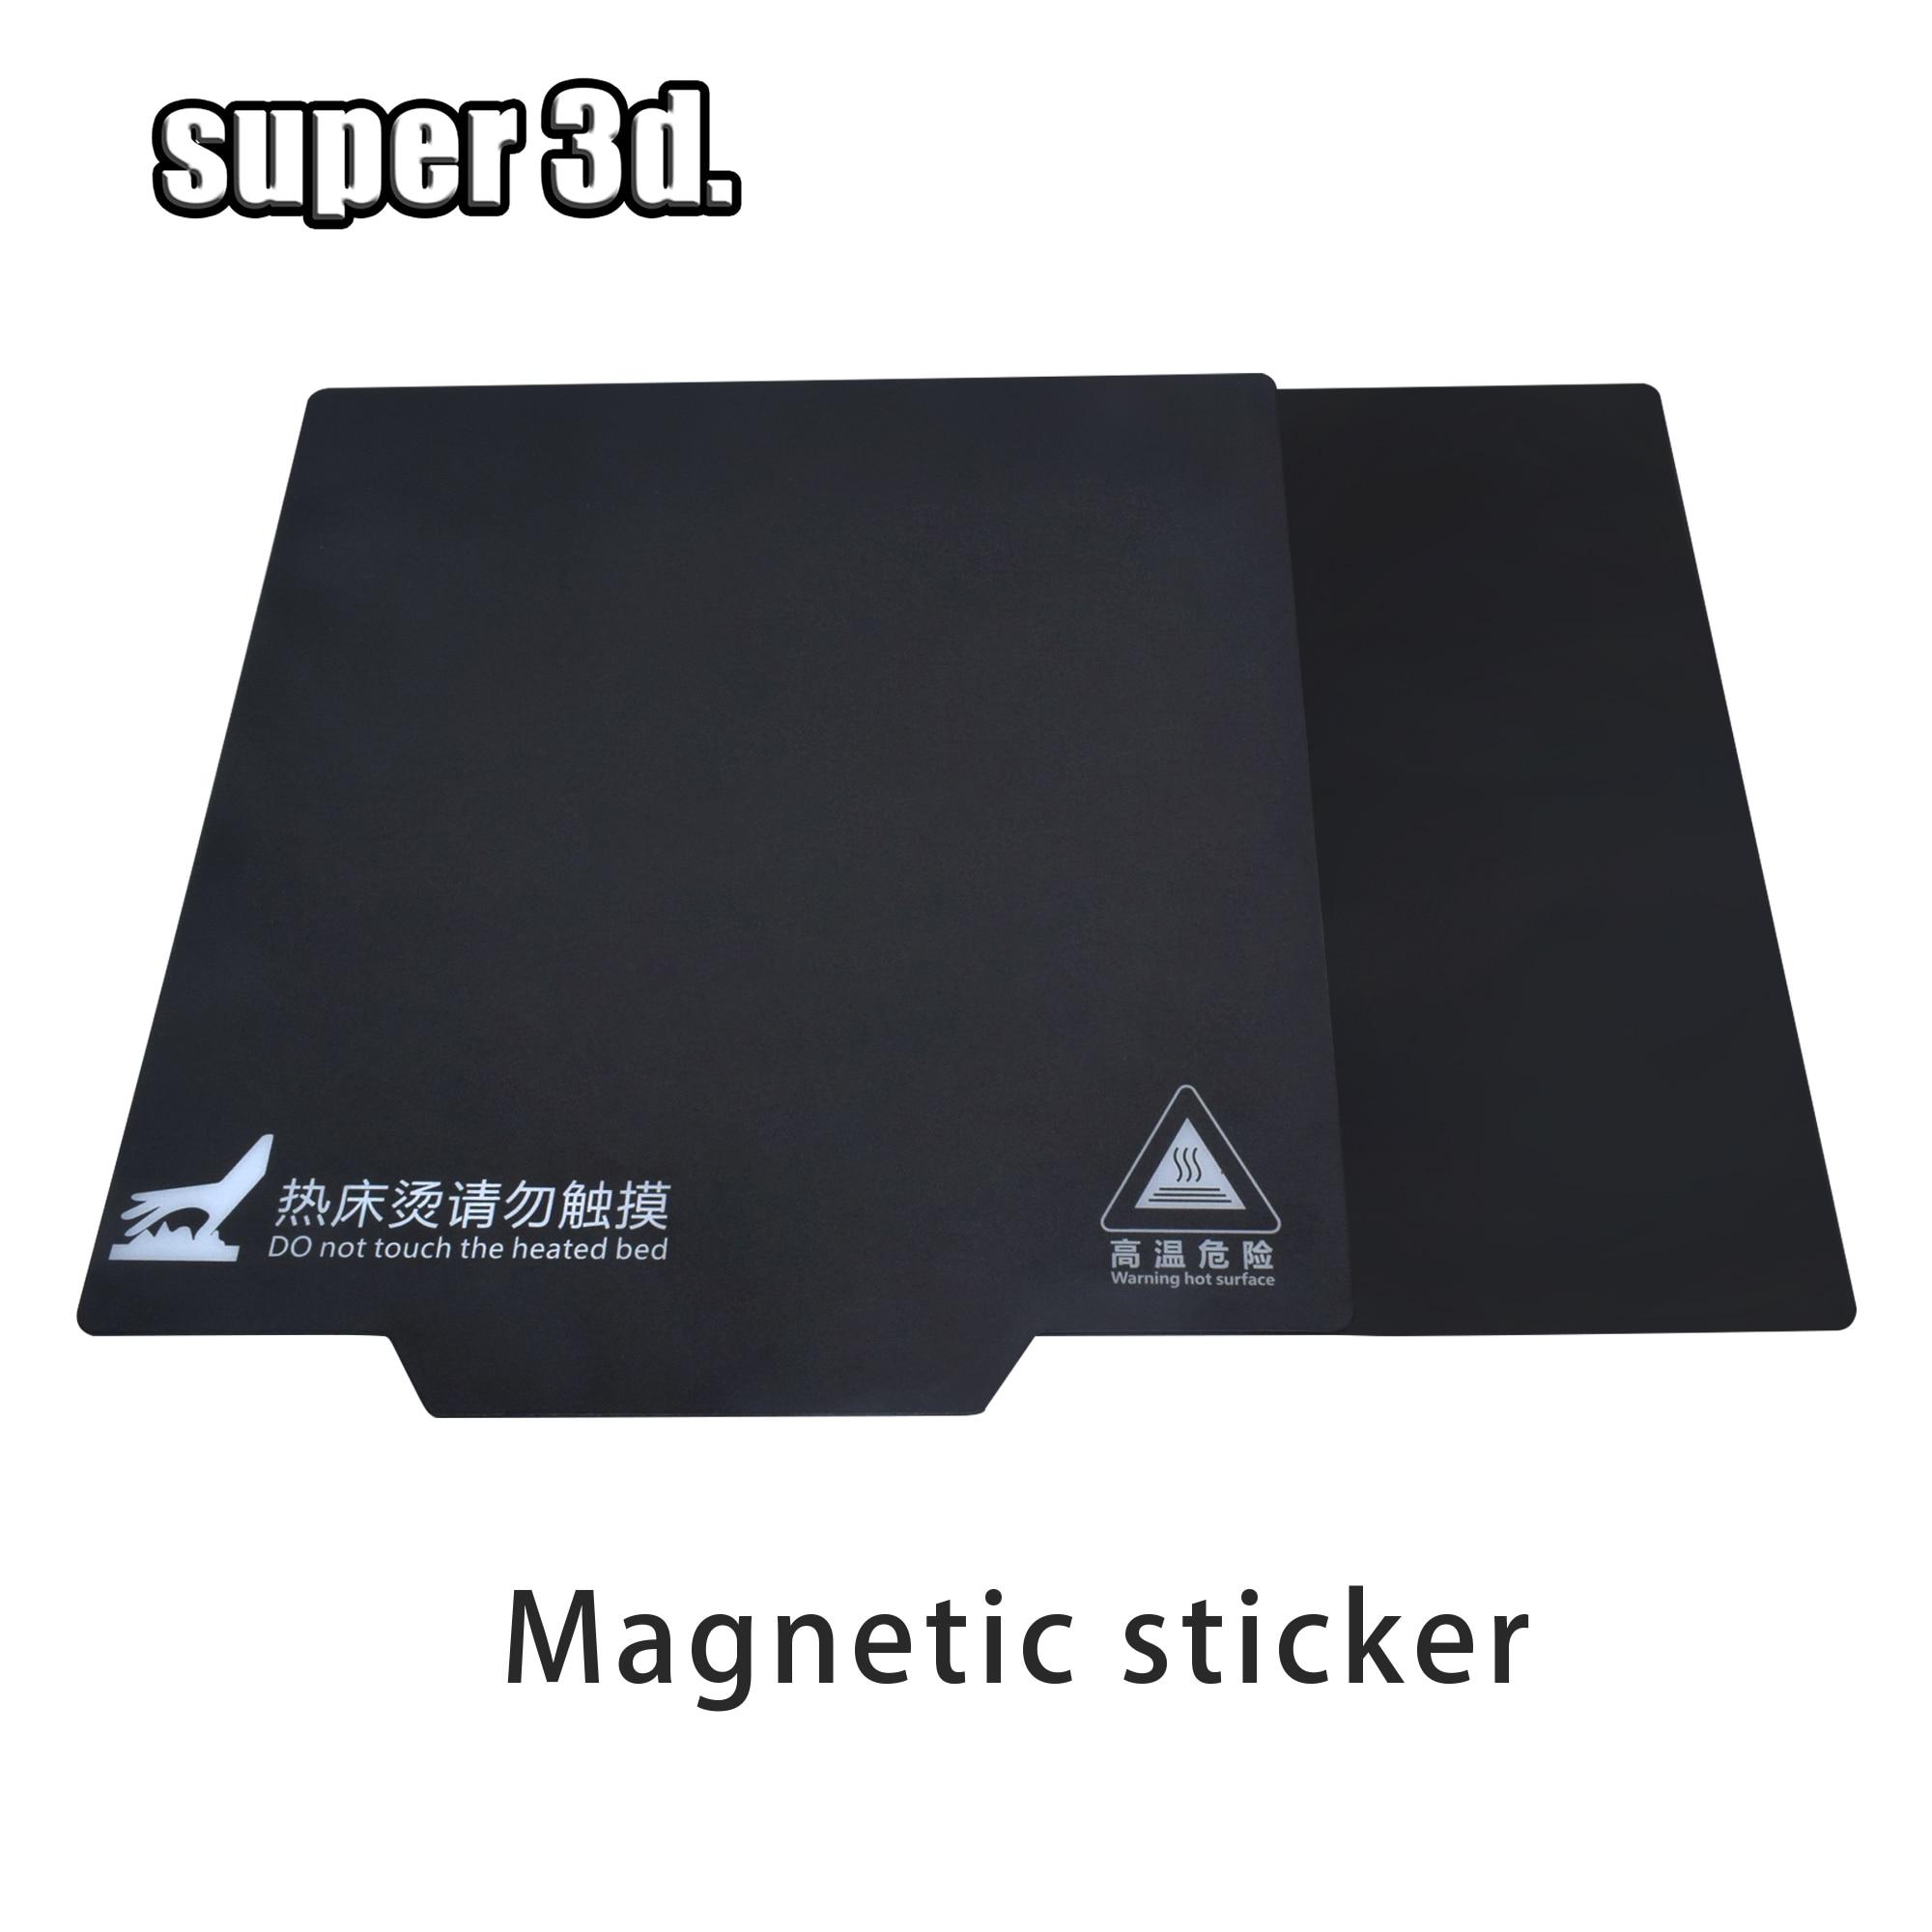 3D Printer Bagian Magnetik Alas Cetak Tape 200/214/235/310 Mm Square Heatbed Sticker Hot Tempat Tidur membangun Plate Tape Permukaan FLEX Plate